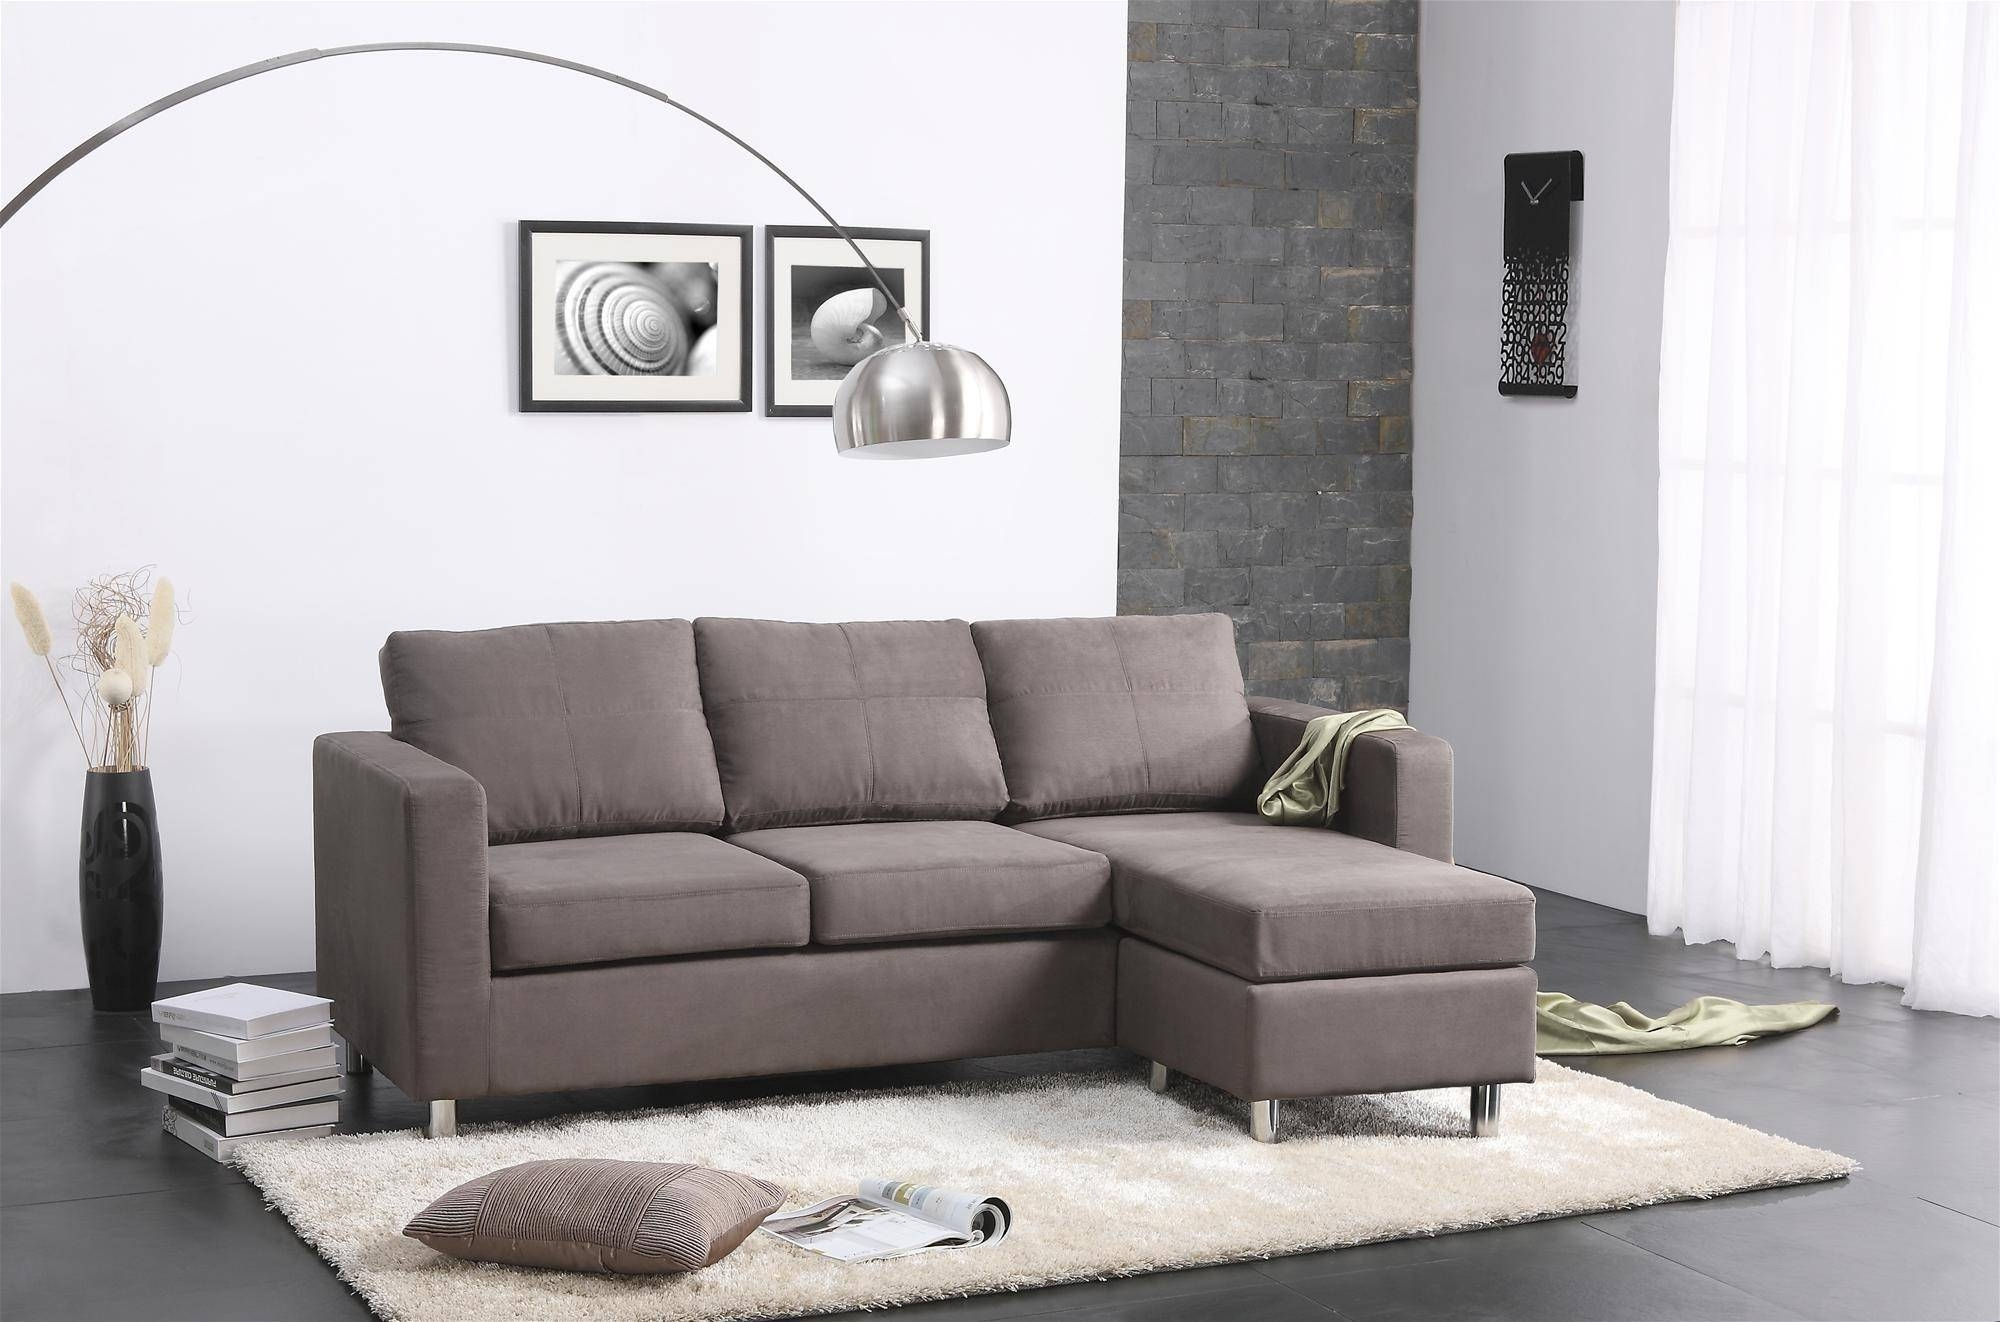 Sofas Center : High Quality Sectional Sofa Manufacturerhigh with Quality Sectional Sofa (Image 26 of 30)